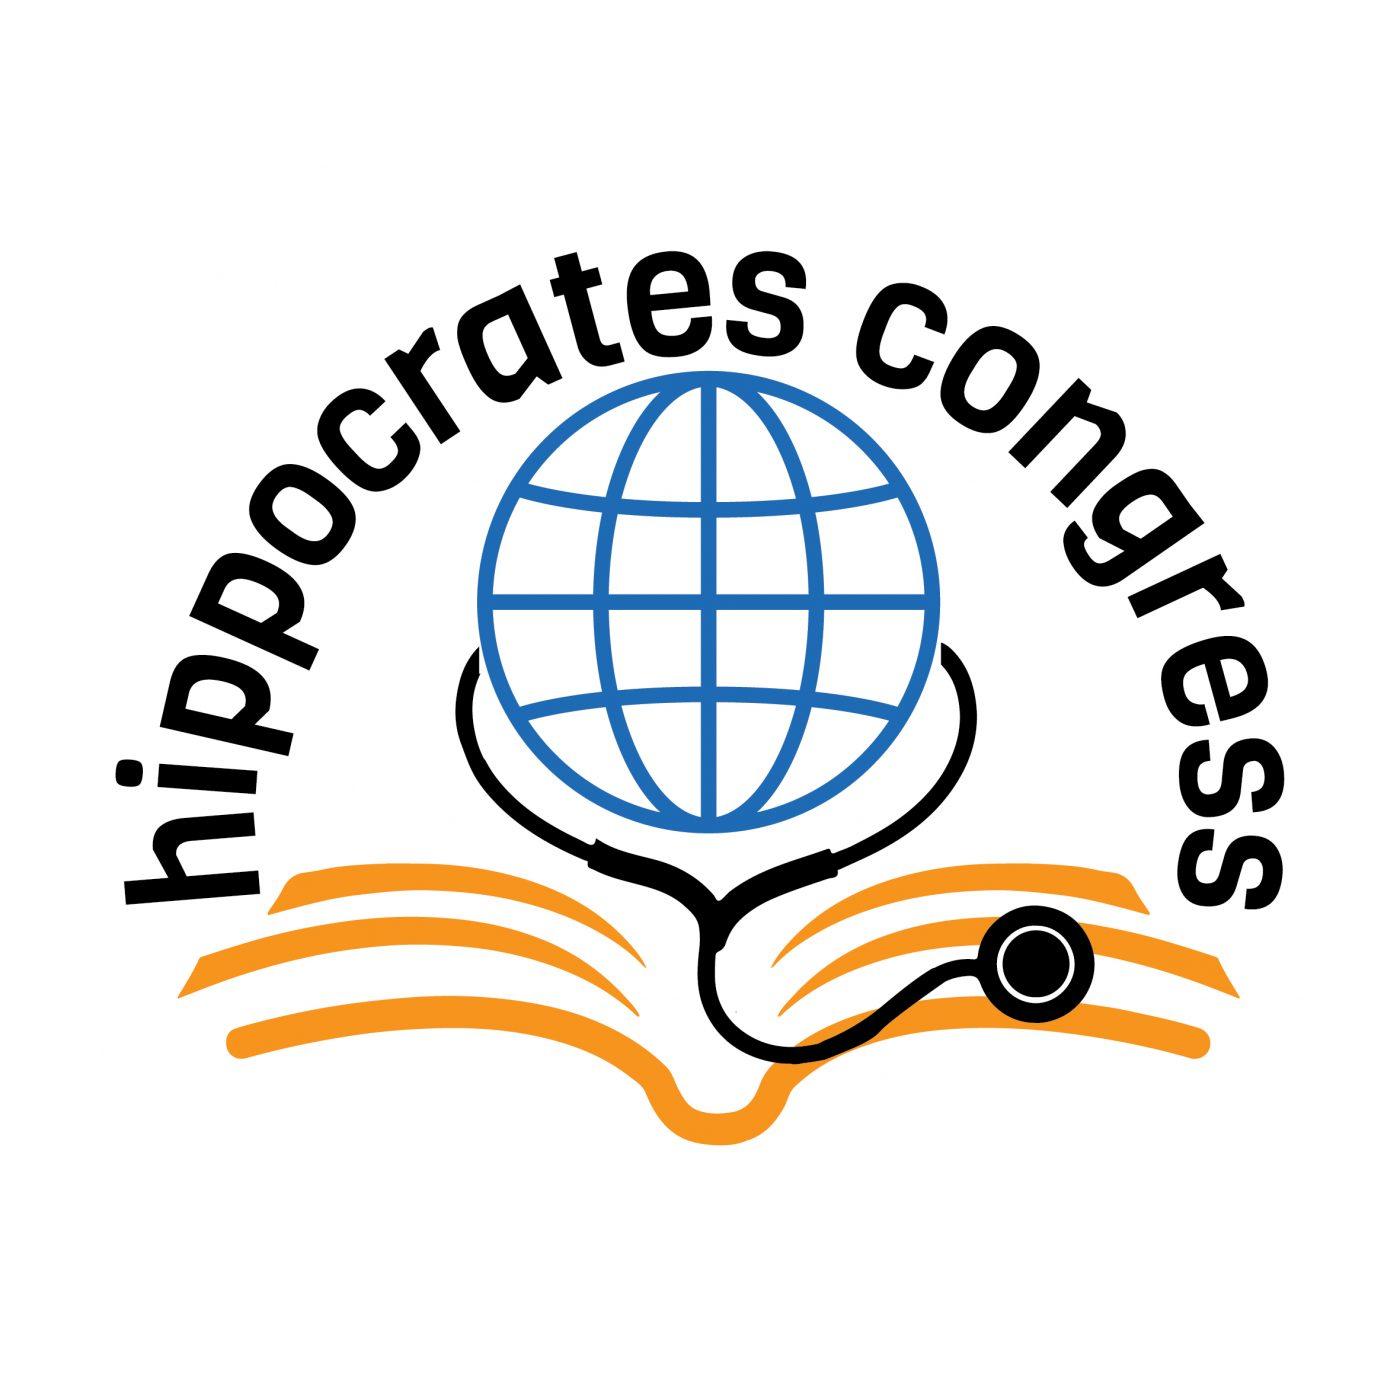 کنفرانس های استانبول 5 - کنفرانس های ماه جون 2019 استانبول